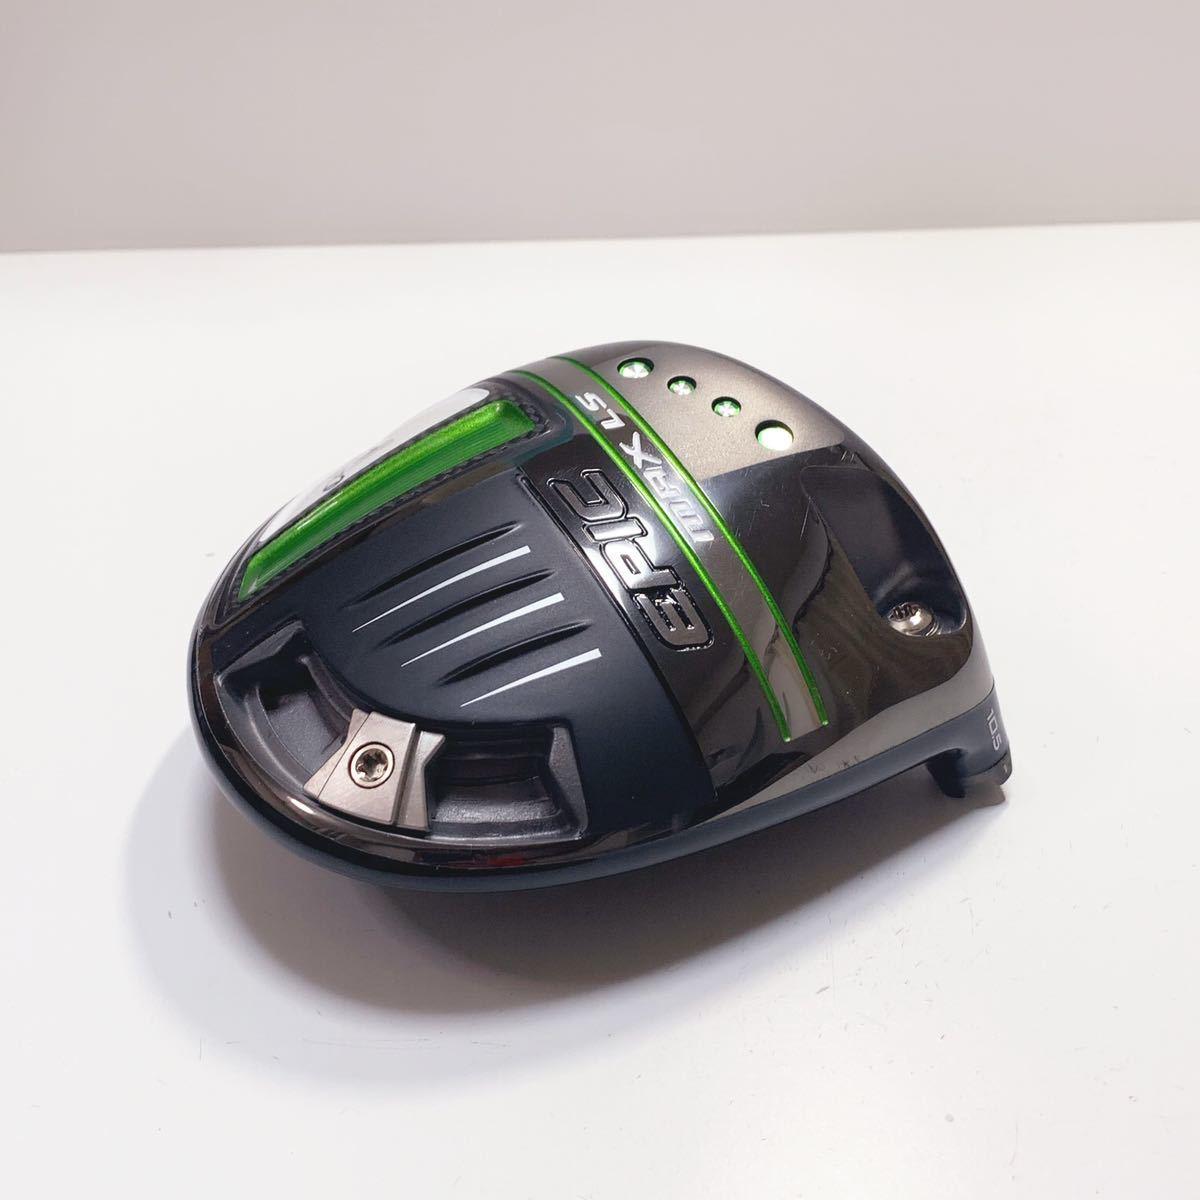 EPIC MAX LS エピックマックス 10.5° ヘッドとカバーとレンチのみ 日本仕様_画像2